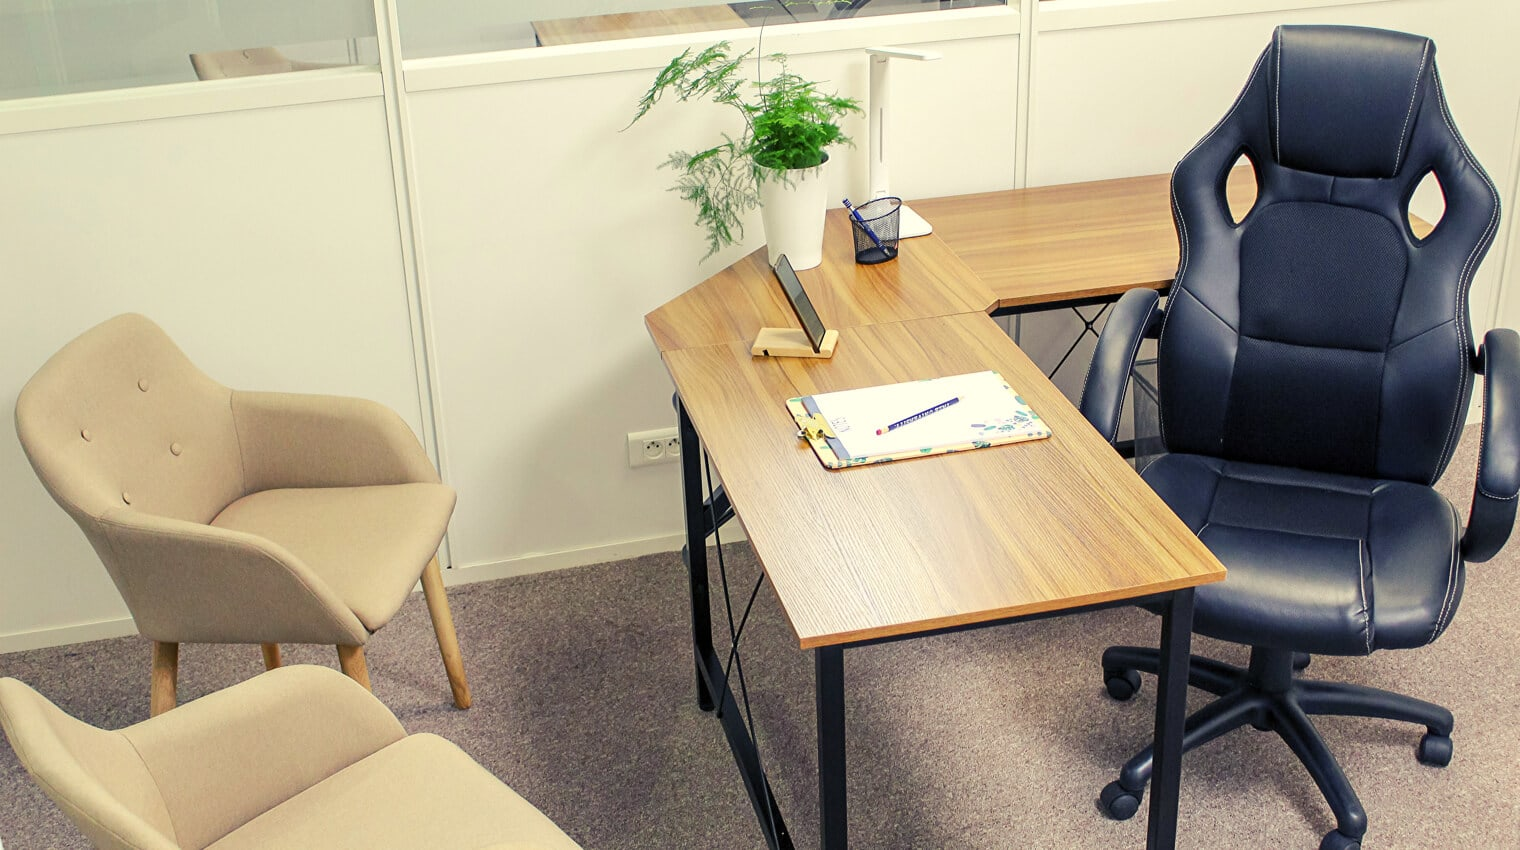 Des bureaux à louer pour exercer votre activité en tout tranquillité.